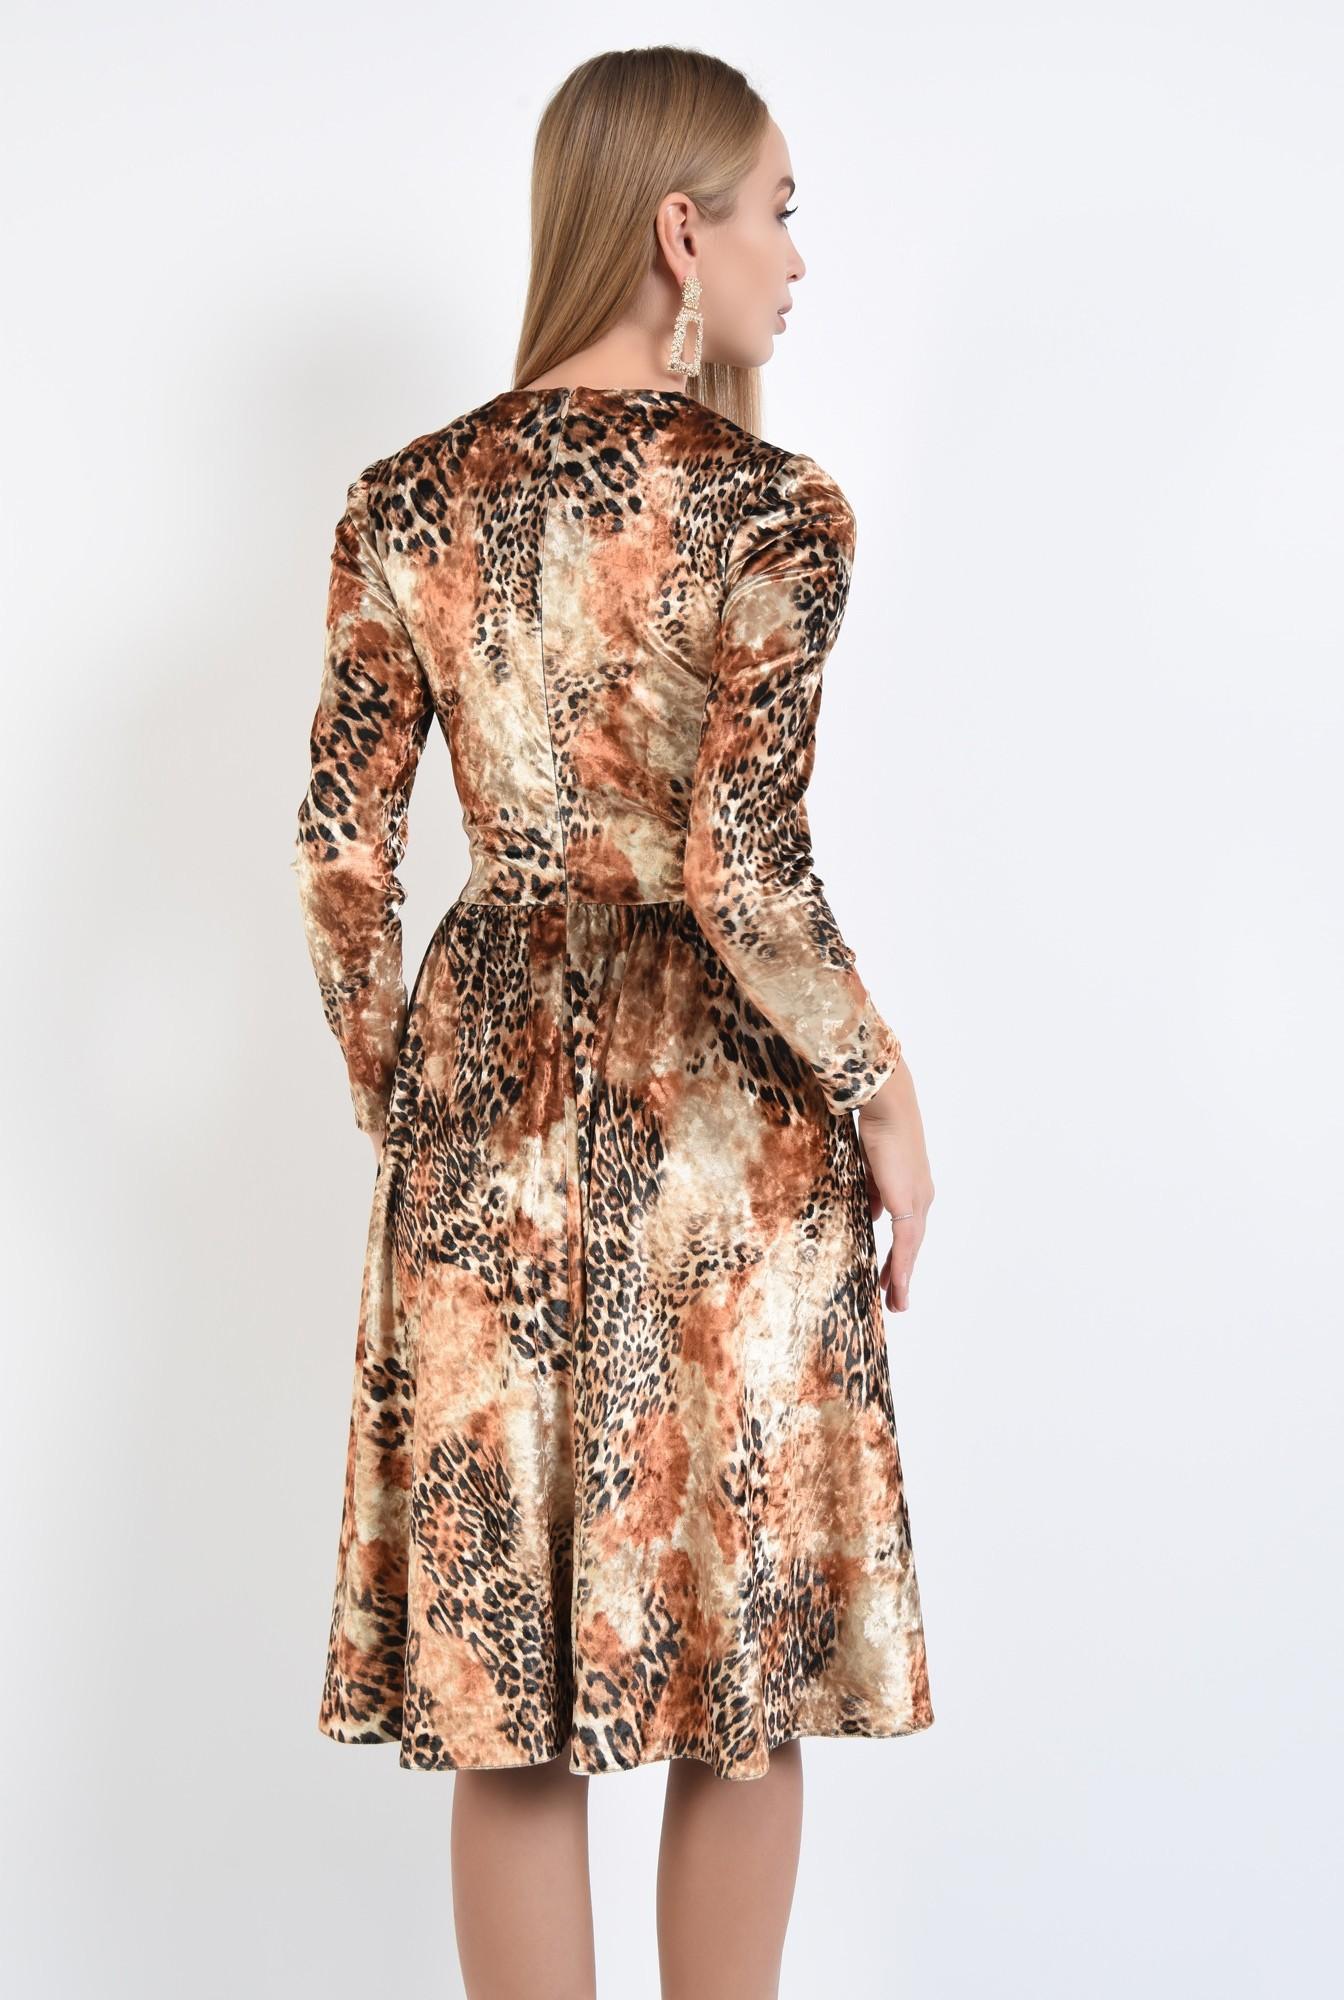 1 - rochie eleganta, evazata, catifea imprimata, cusatura in talie, rascroiala rotunda la gat